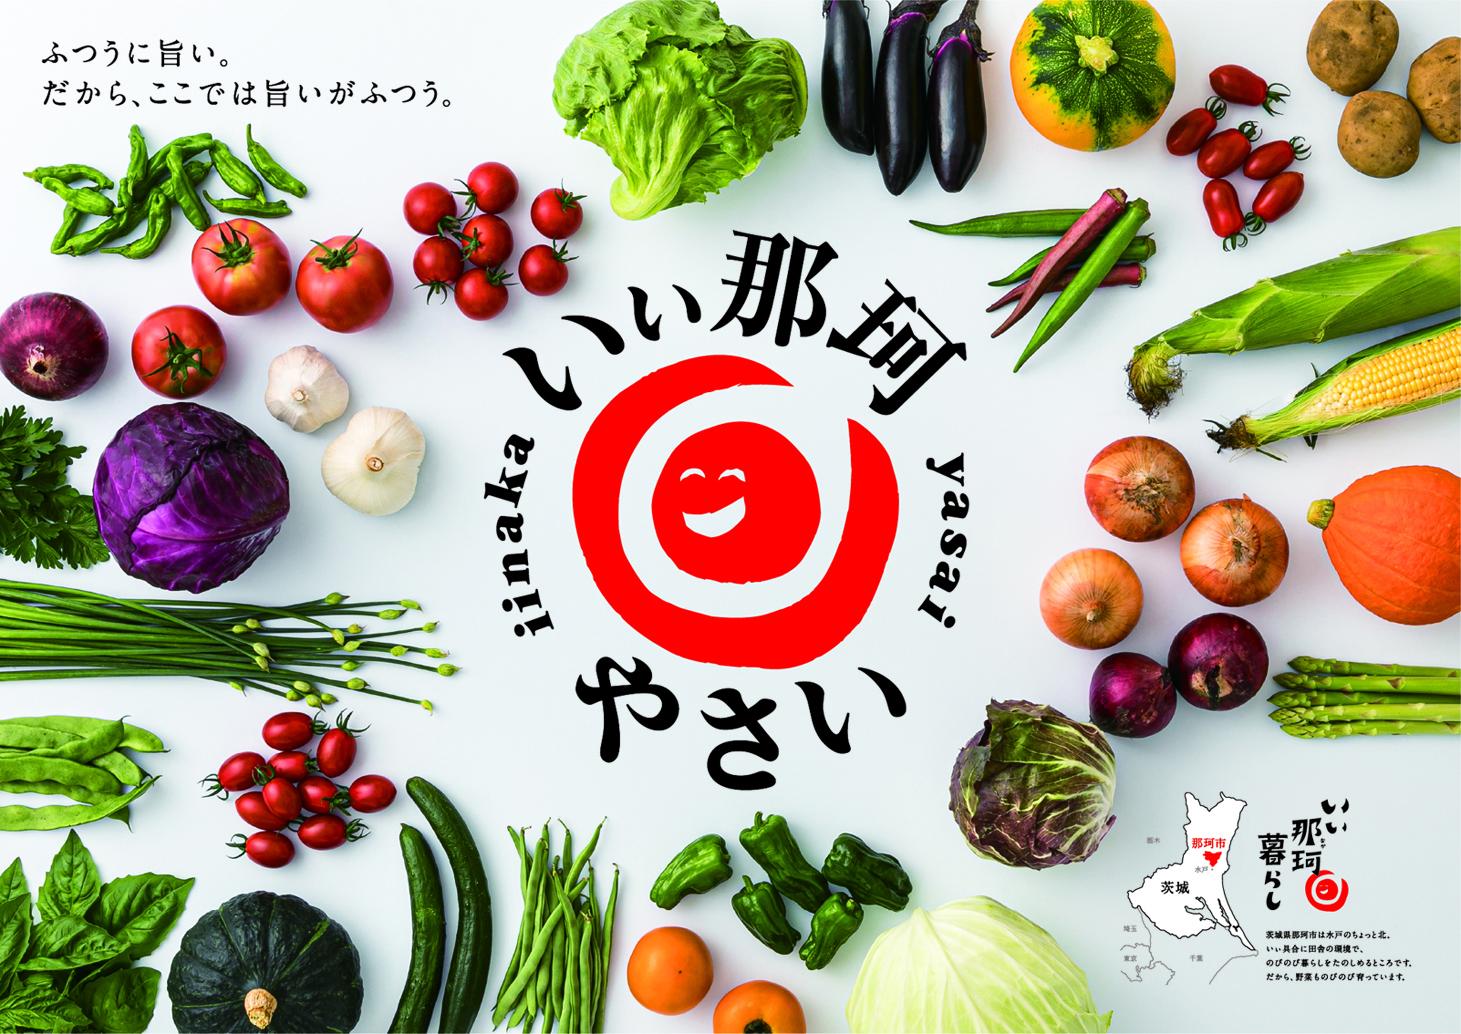 いぃ那珂暮らしデザインセレクション3